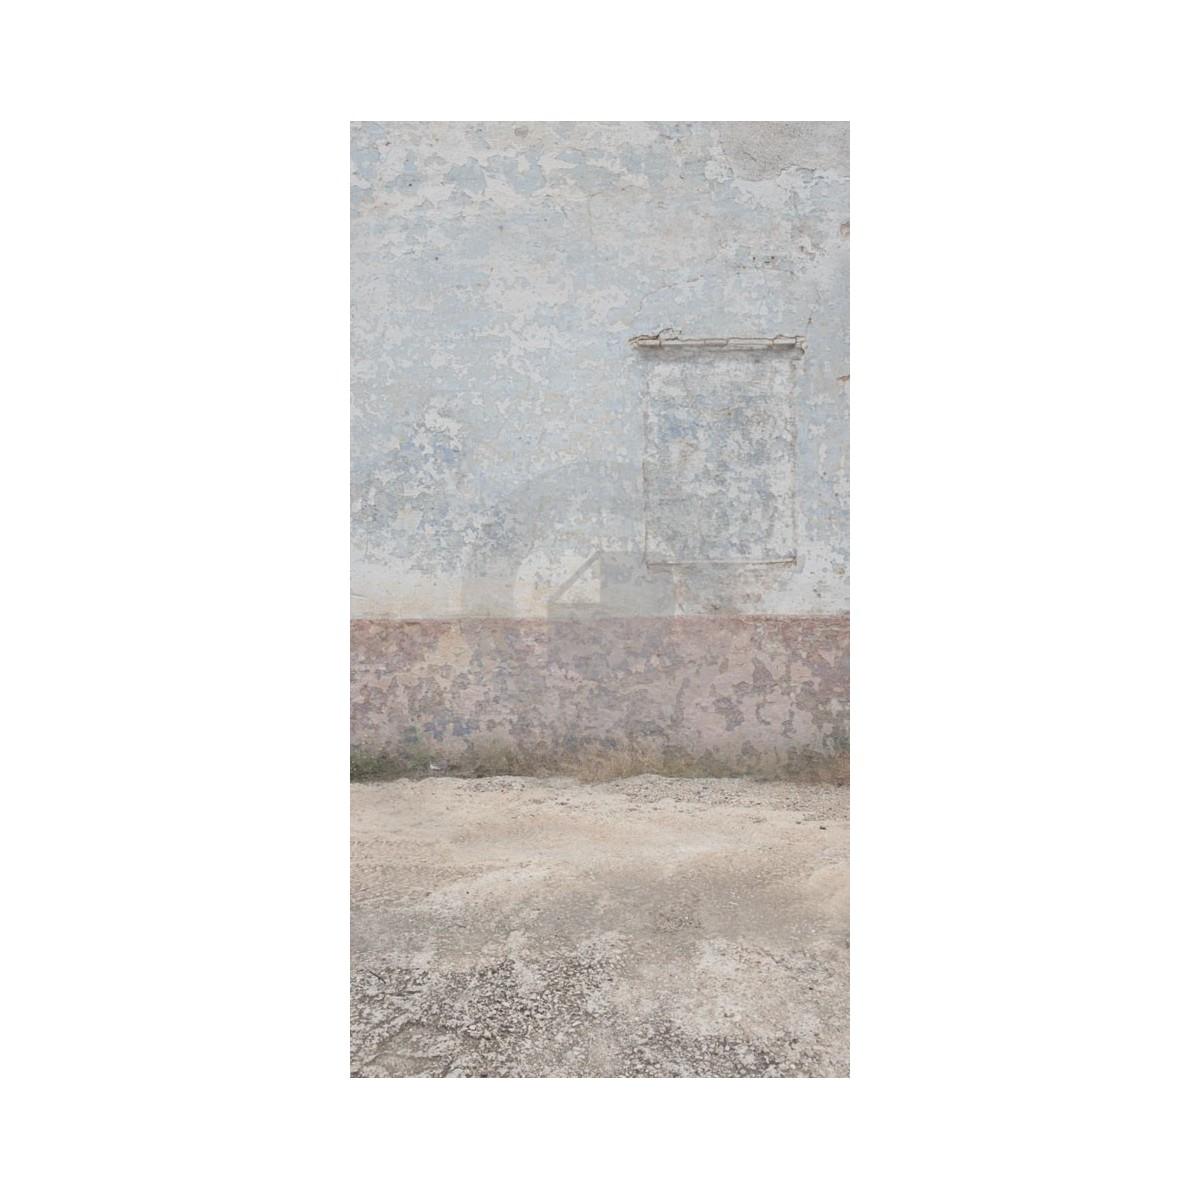 terre et mur de fond gris avec fen tre mur e. Black Bedroom Furniture Sets. Home Design Ideas